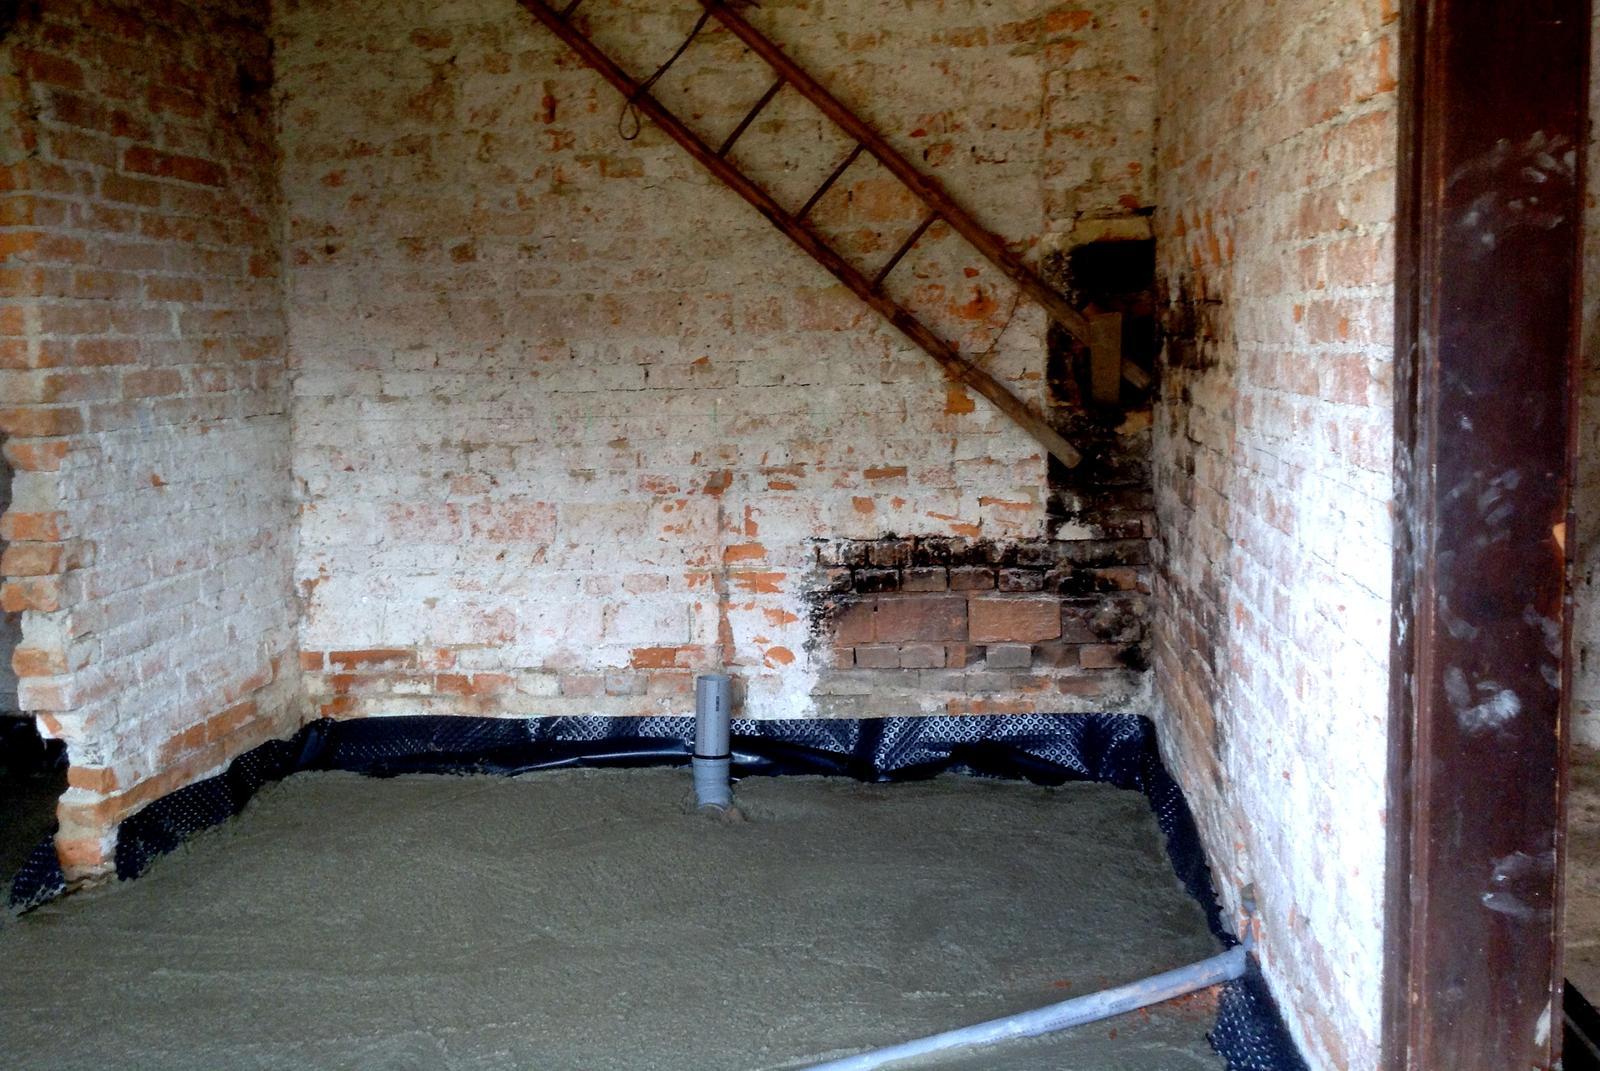 Rekonštrukcia domčeka z roku 1937 - Tu bola pôvodne kuchyňa, do ktorej sa vchádzalo hlavnými dverami rovno zo dvora. Vpredu bude predsienka. Vľavo vzadu bude špajza. Kde trčí rúra, bude wecko, kde bola pec, bude sprcha a umývadlo. Ešte treba vybúrať 2 vetracie okienka na zadnej stene